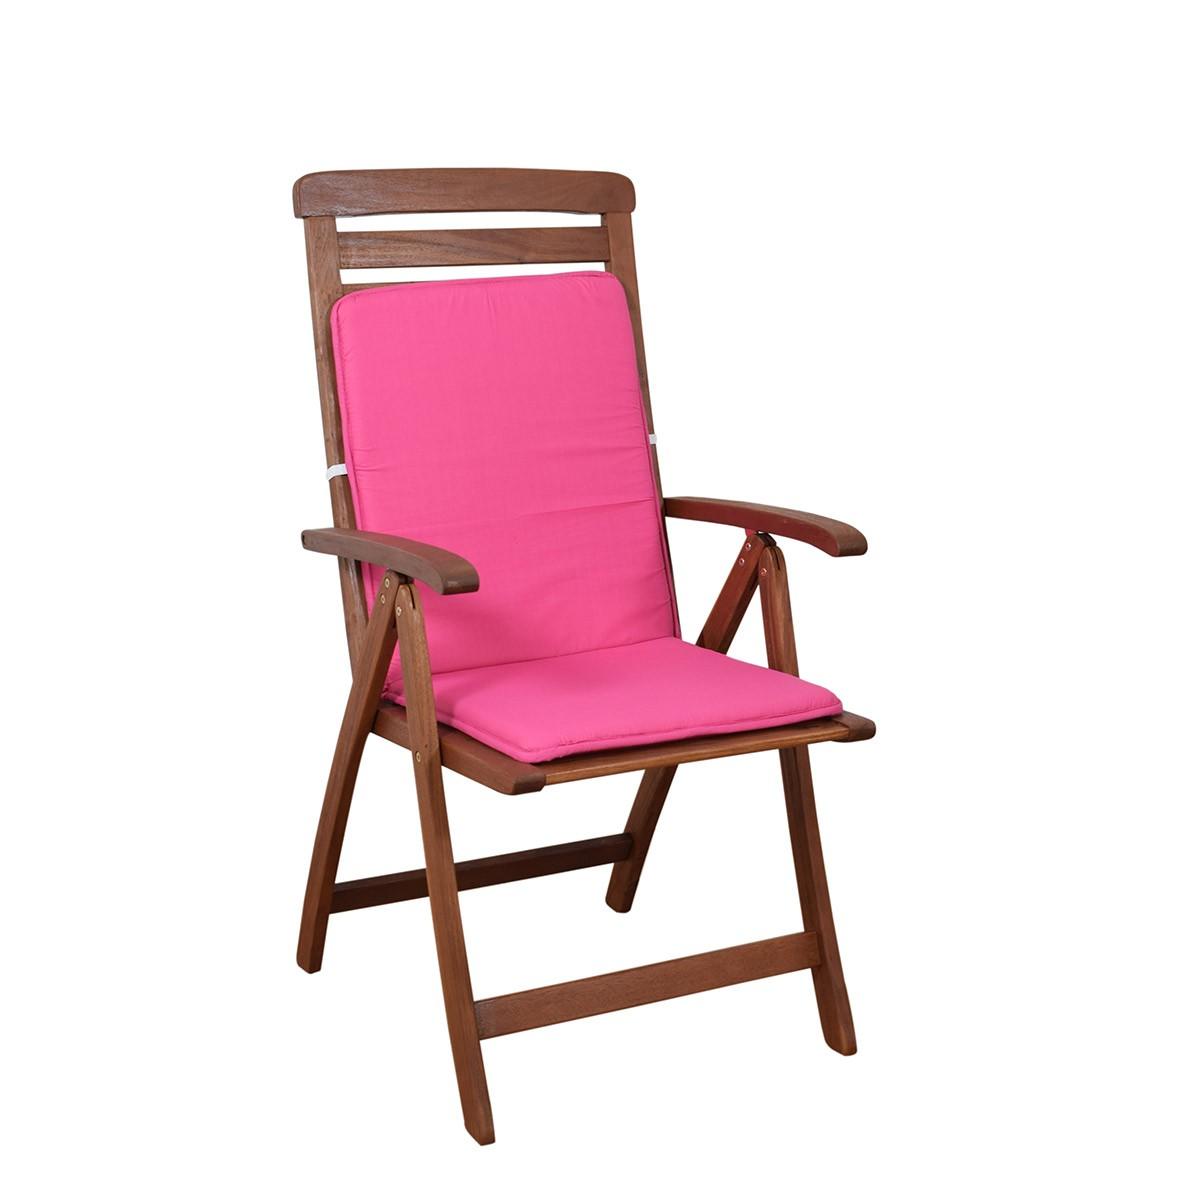 Μαξιλάρι Καρέκλας Πλάτη/Ρέλι Fratoni Solid Fuchsia